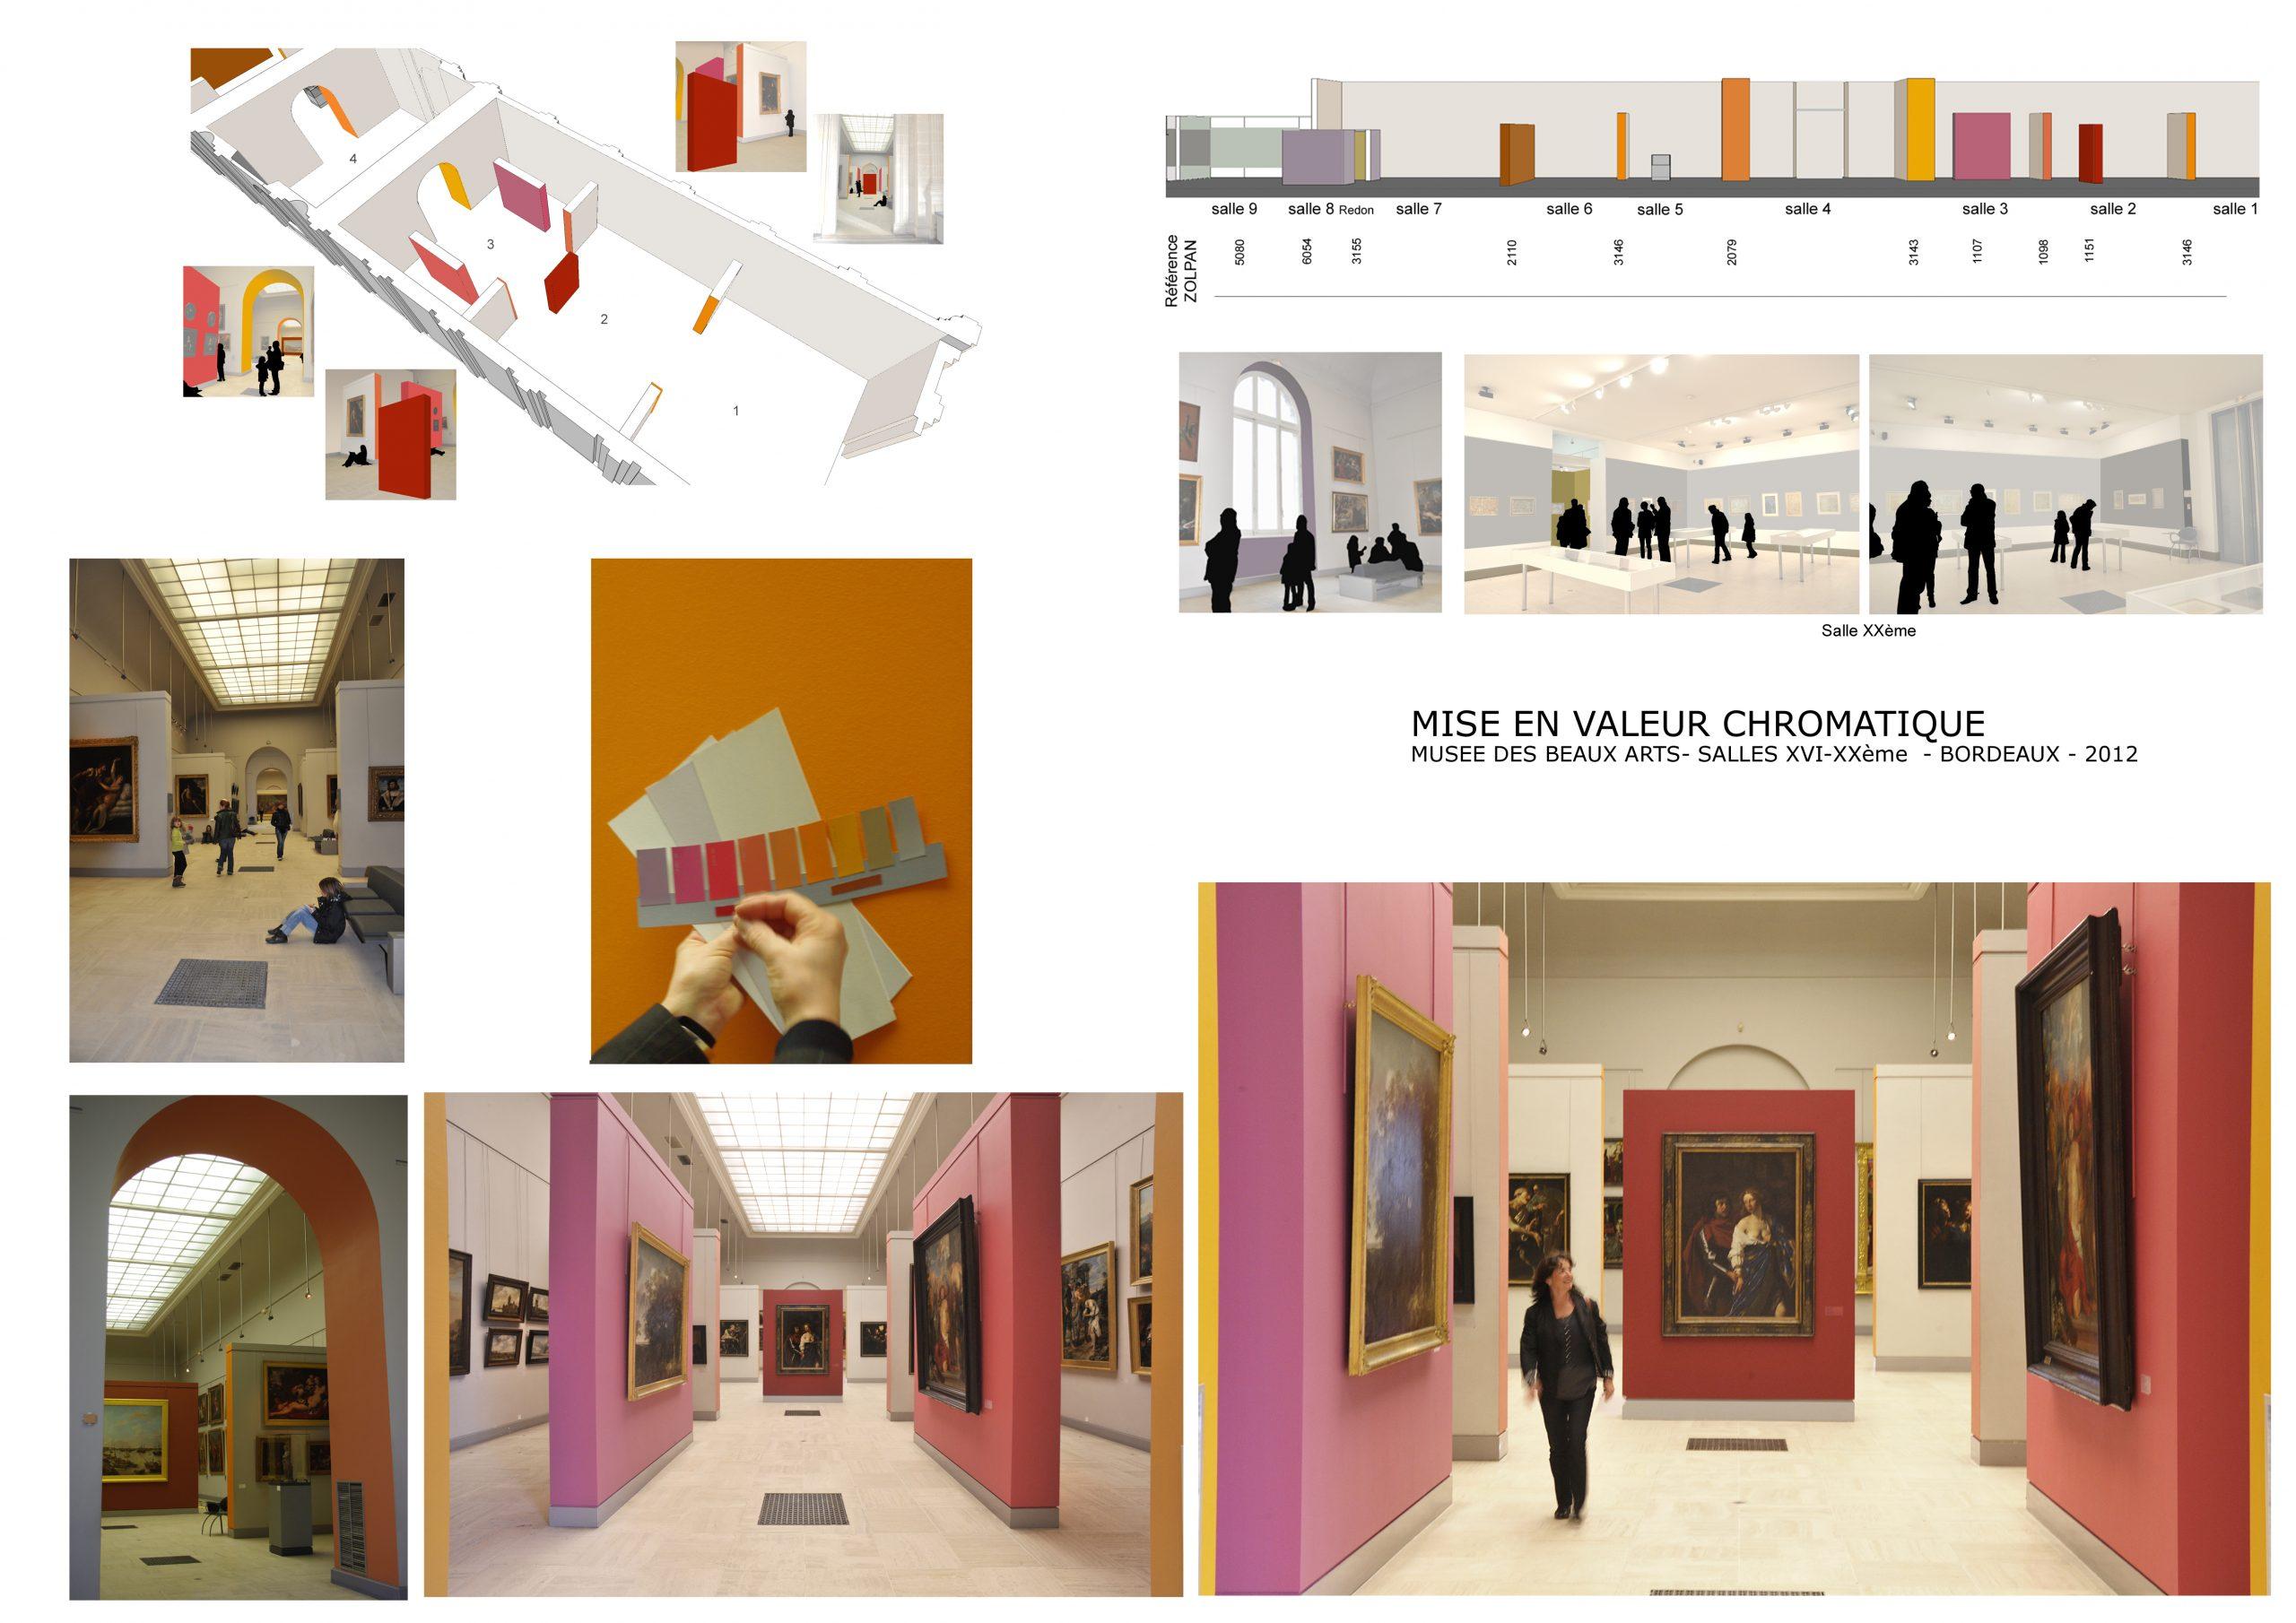 Musée des beaux arts Bordeaux- Mise en valeur chromatique des œuvr